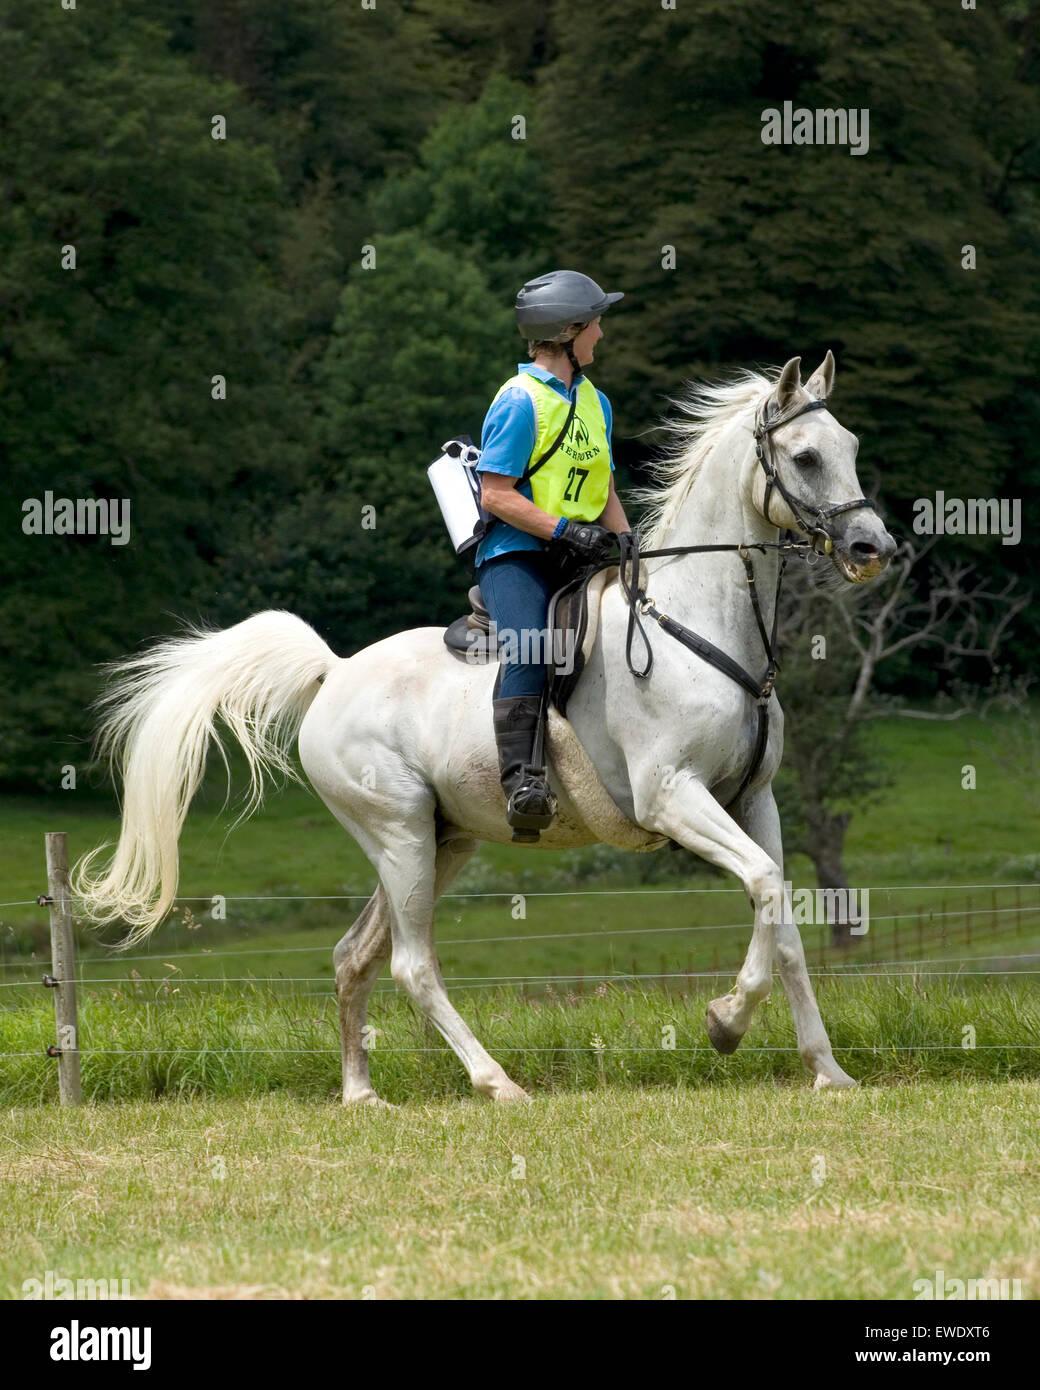 Endurance cavallo Cavaliere a cavallo arabo Immagini Stock